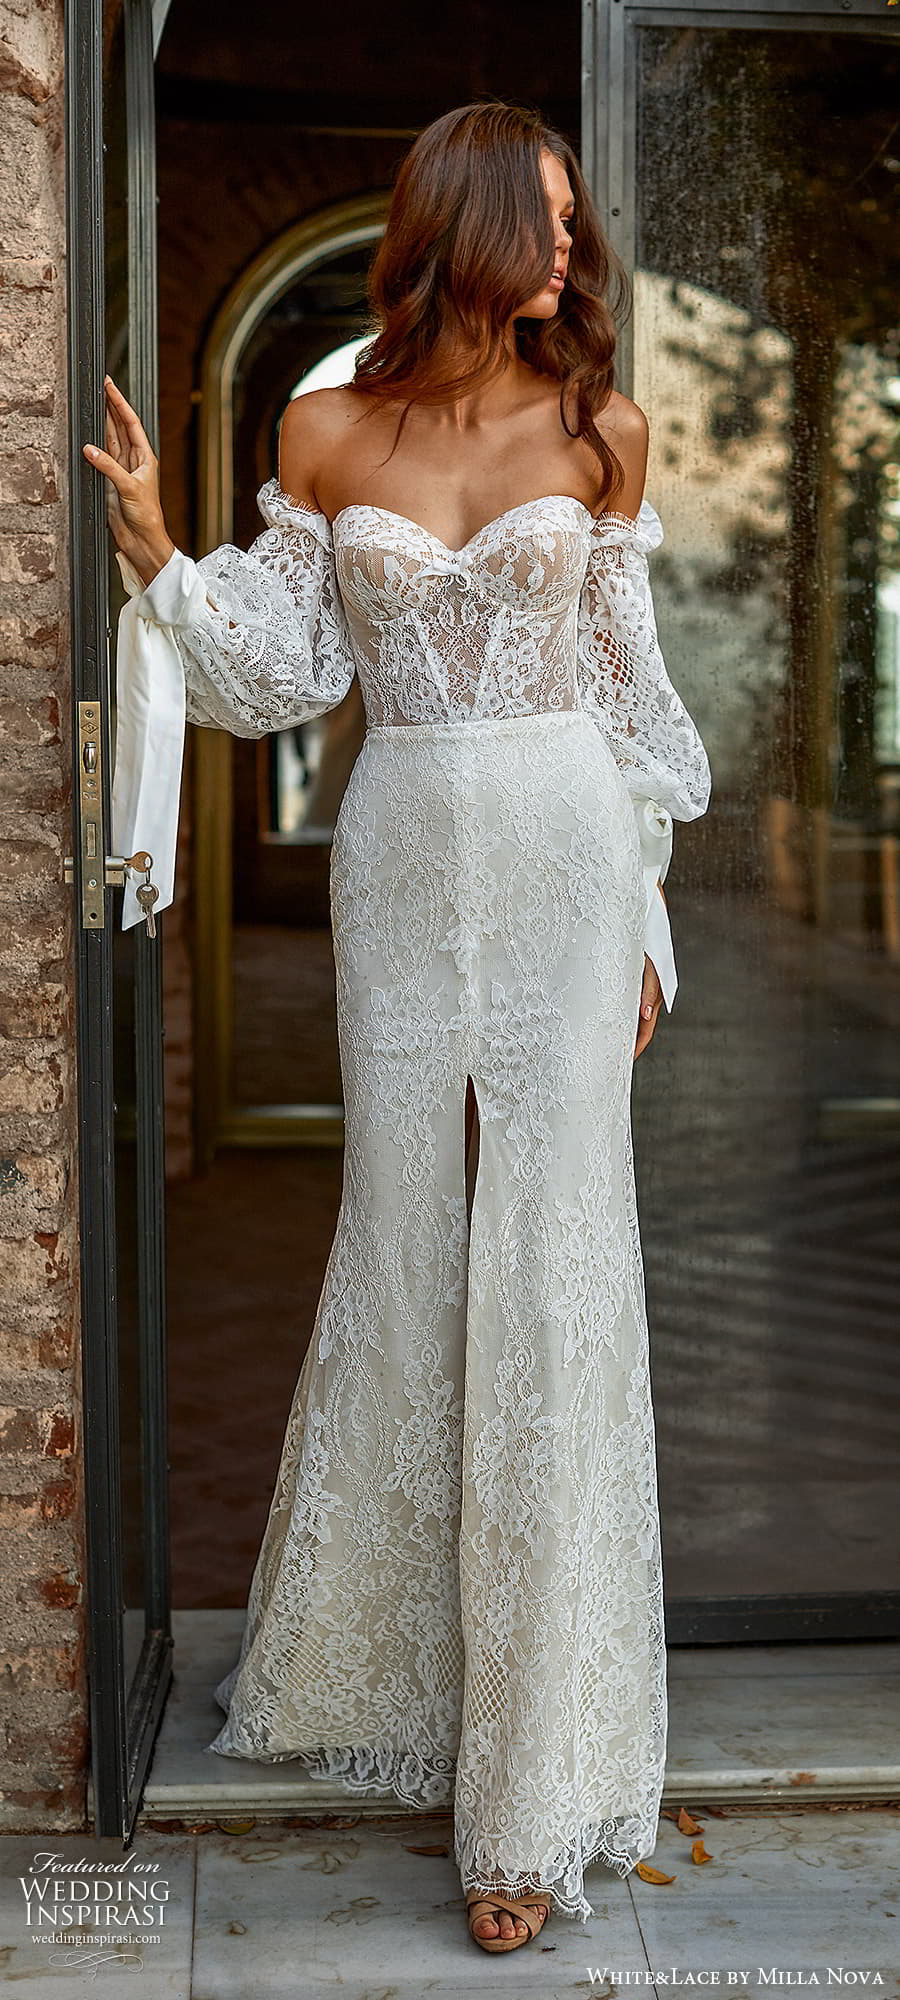 white lace milla nova 2022 bridal off shoulder bishop sleeves sweetheart neckline fully embellished jumpsuit wedding dress (29) mv